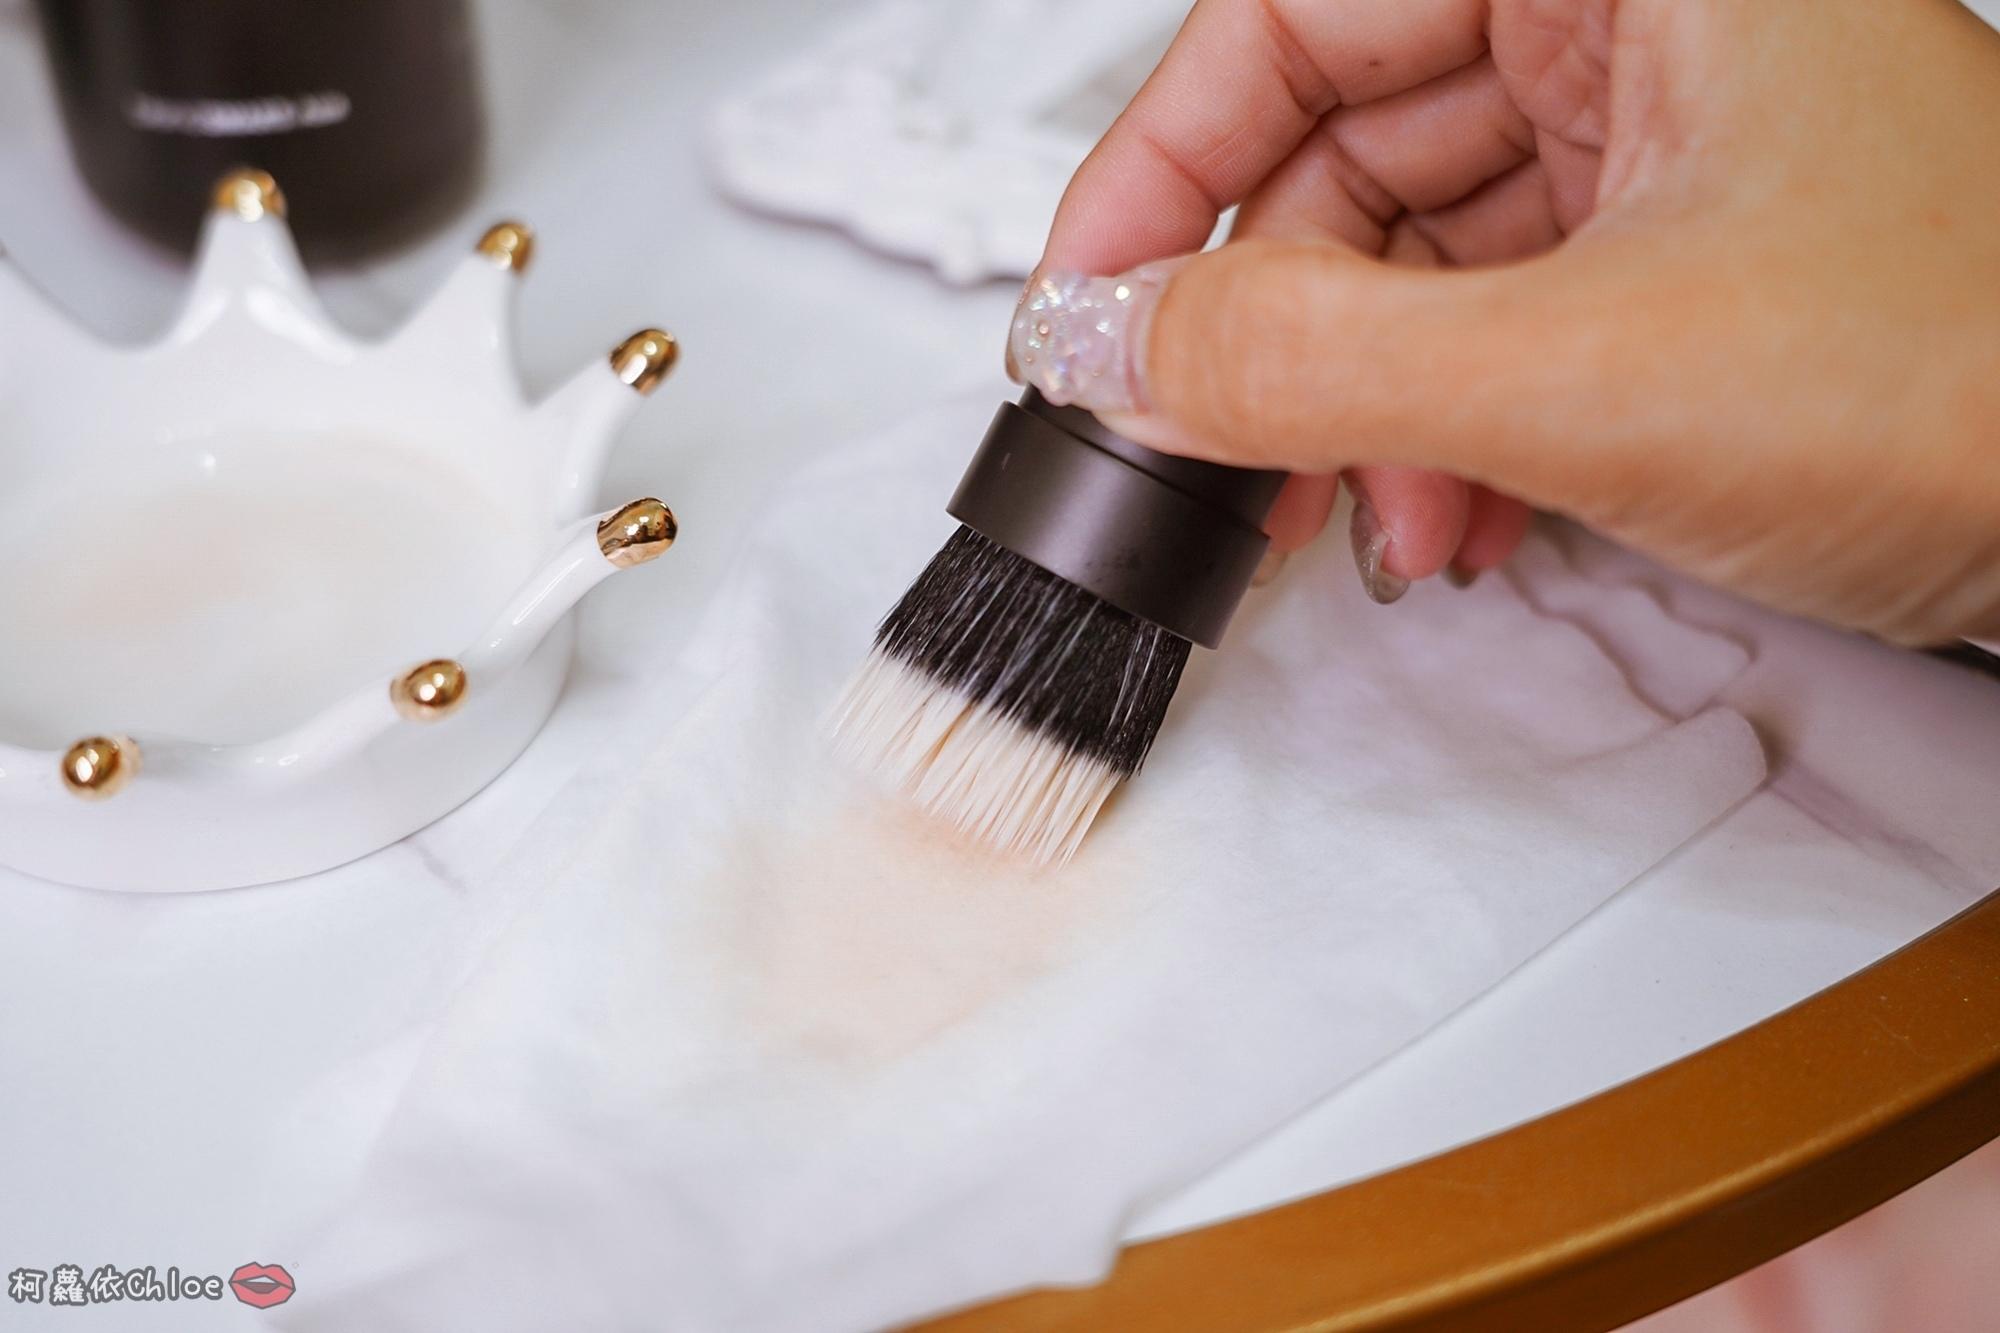 彩妝工具推薦 blendSMART電動化妝刷 達人套裝開箱 上妝輕柔更有效率43.jpg